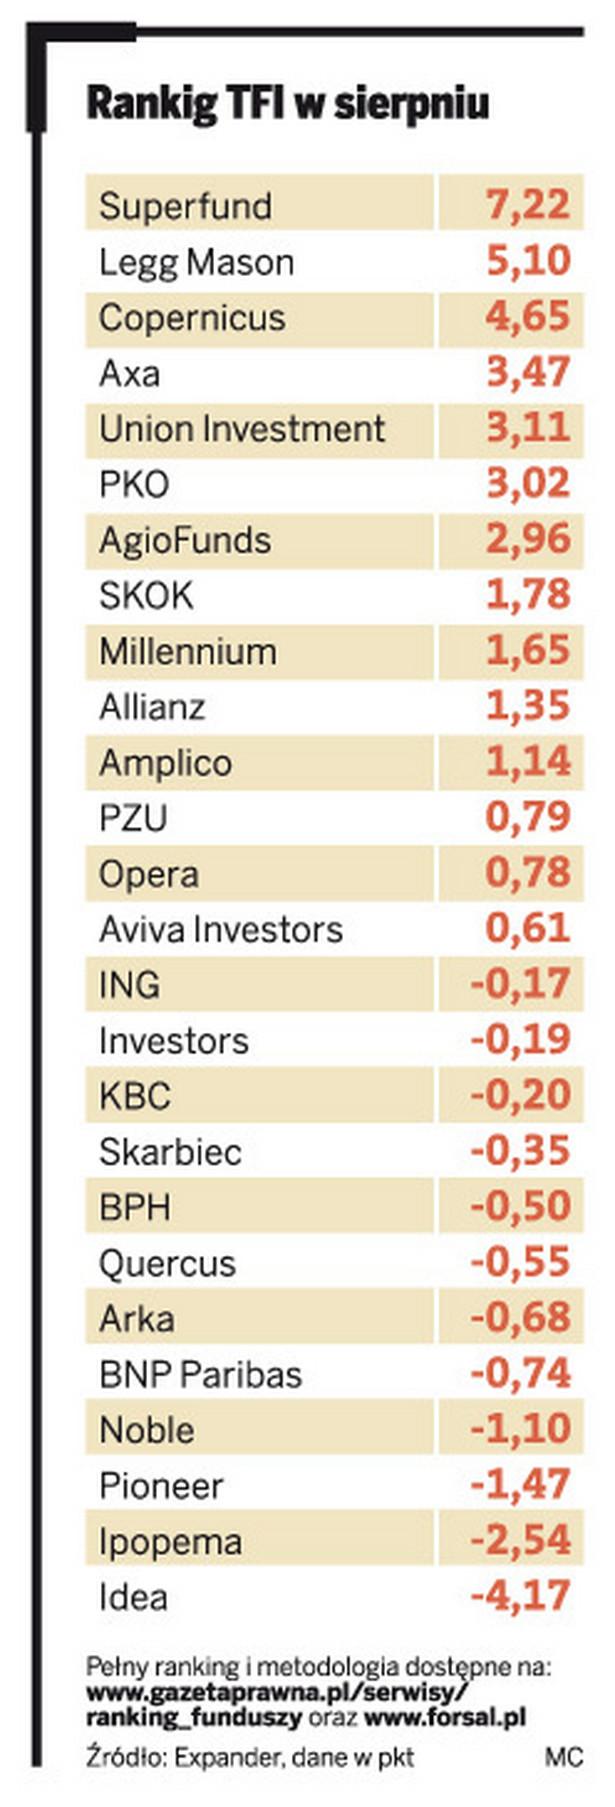 Ranking TFI w sierpniu